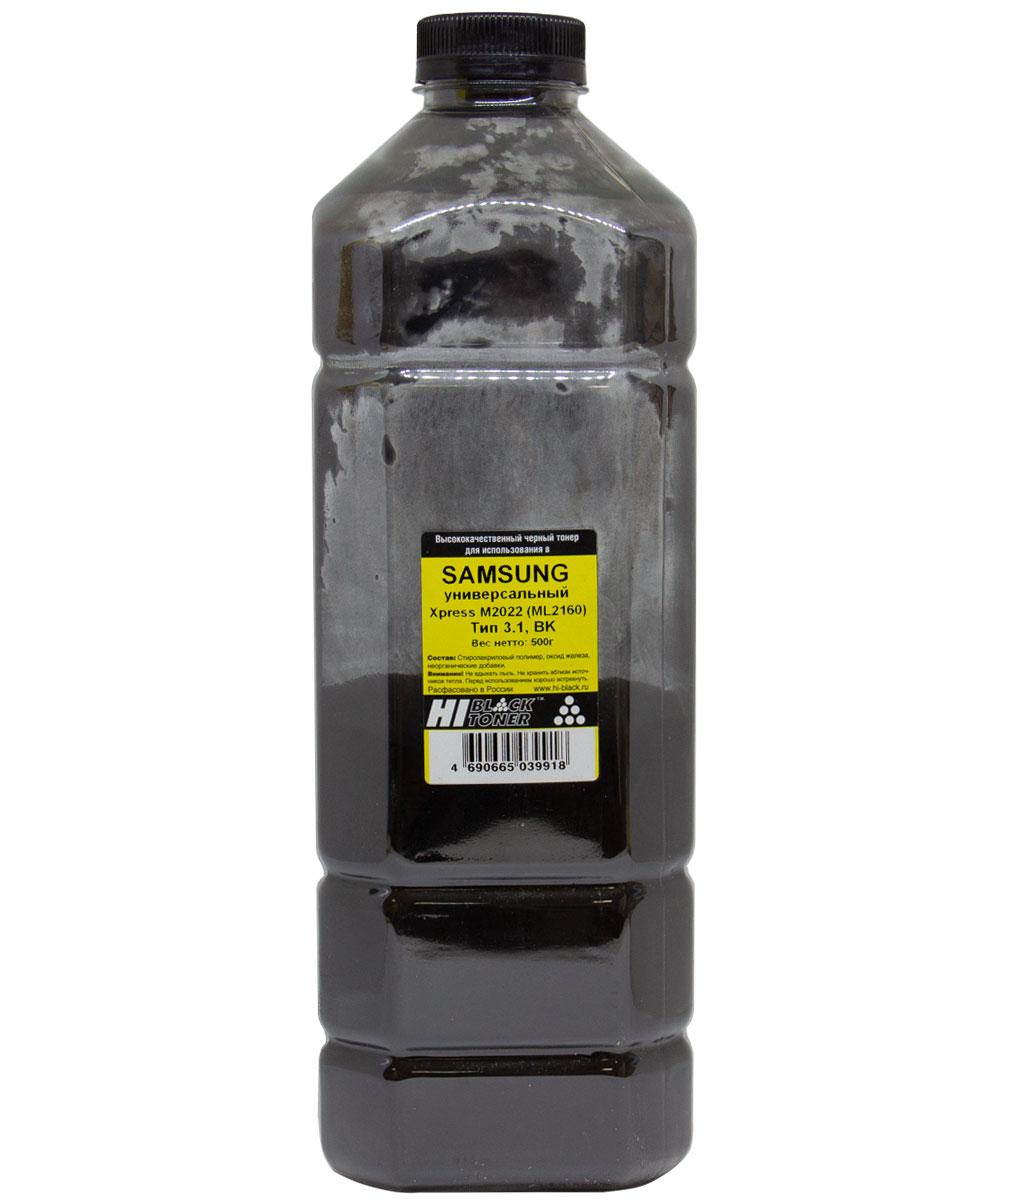 Тонер Hi-Black Универсальный для Samsung Xpress M2022 (ML-2160), Тип 3.1, Bk, 500 г, канистра